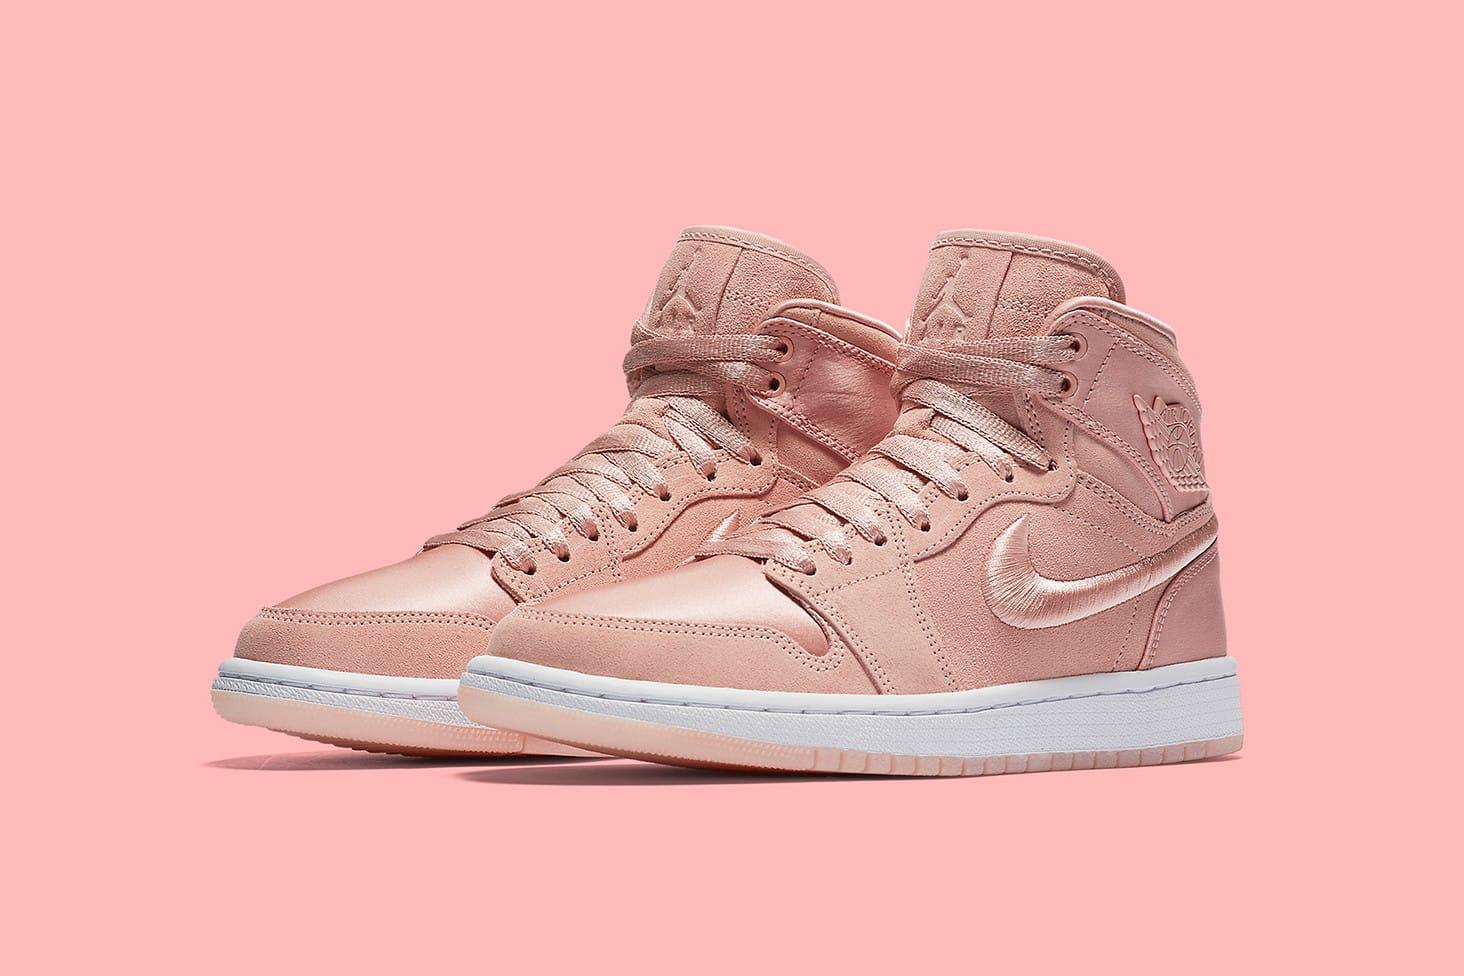 nike pink sneakers 2018